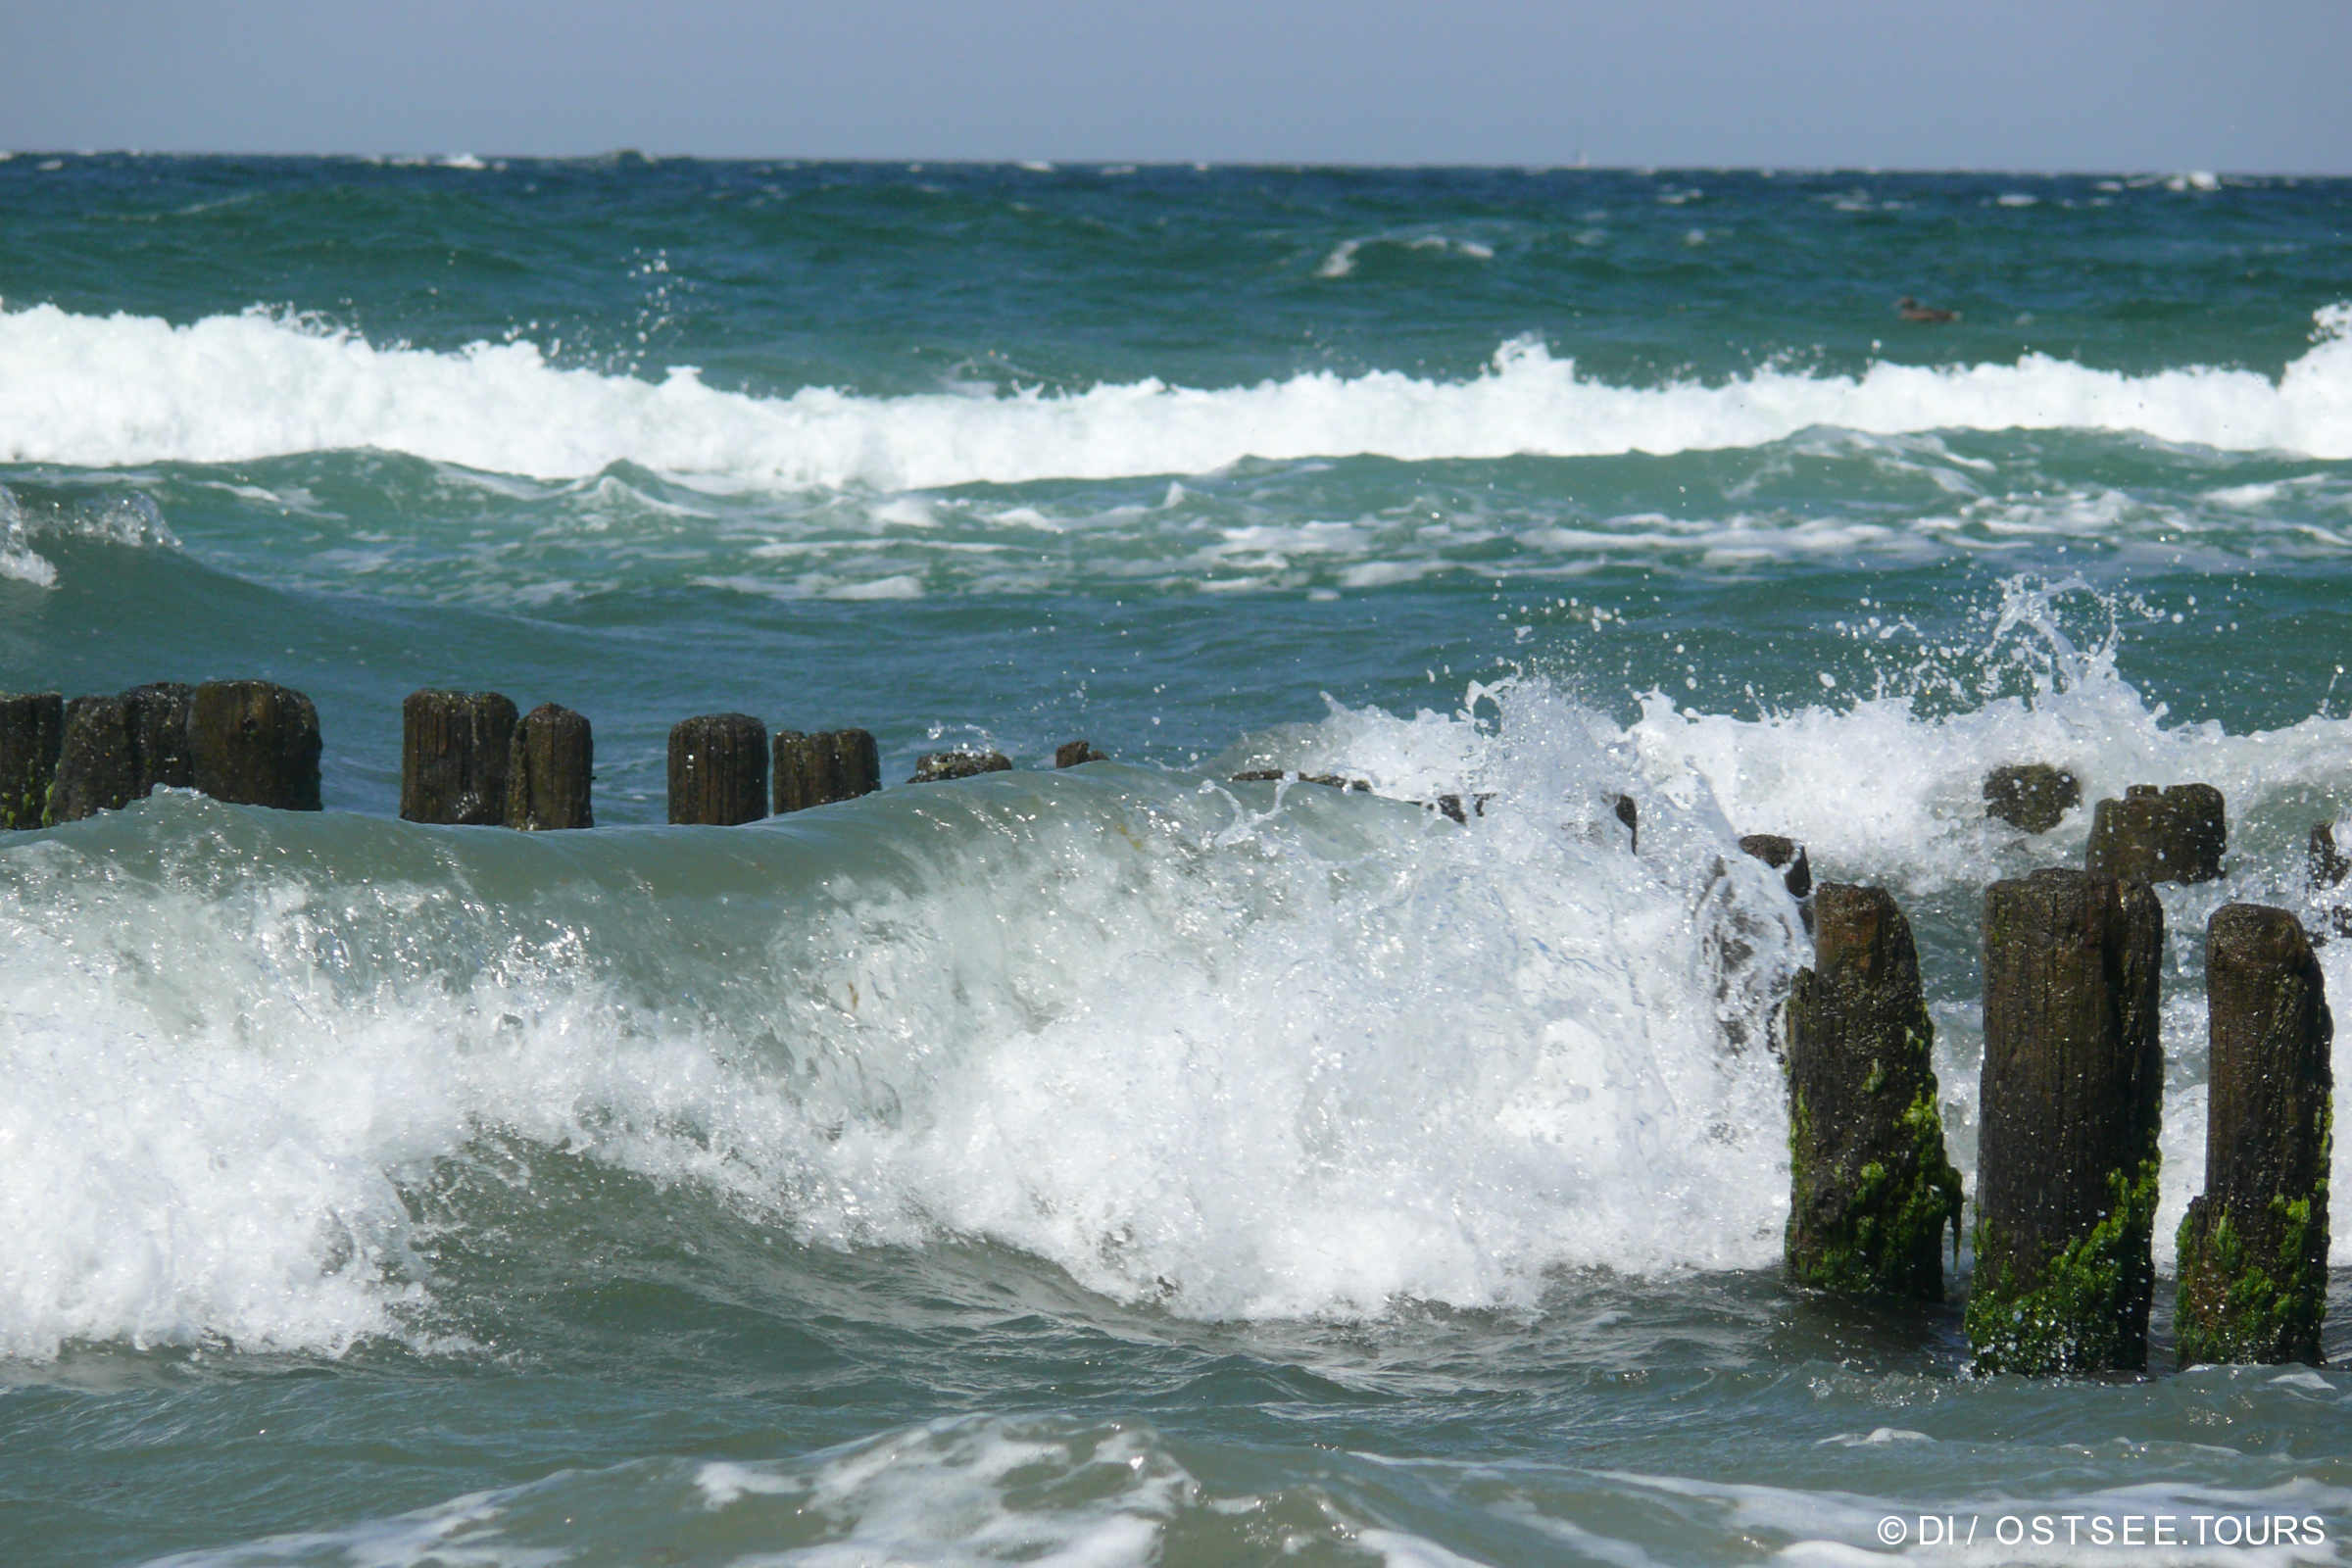 Ostsee, Welle und Buhnen